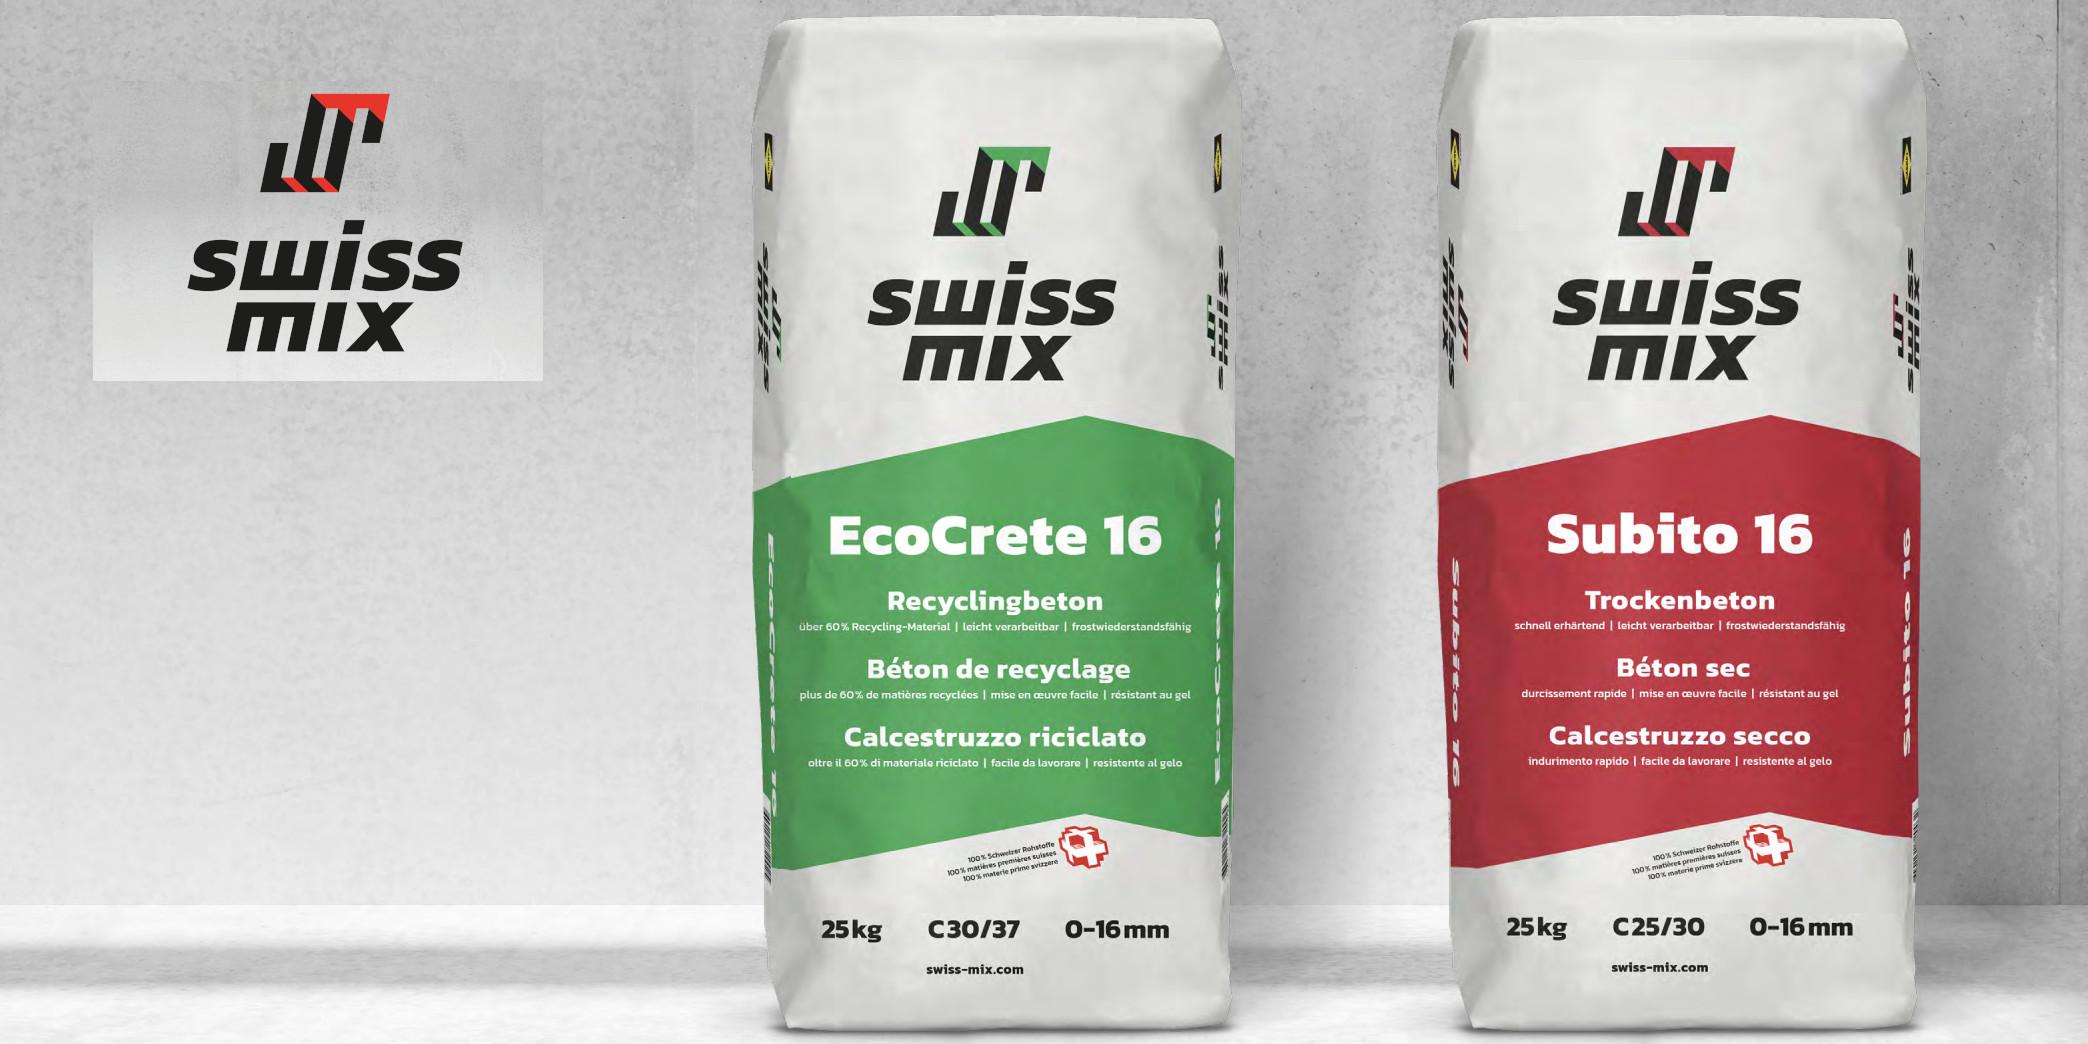 SAKRET Schweiz Swissmix Produktelinie